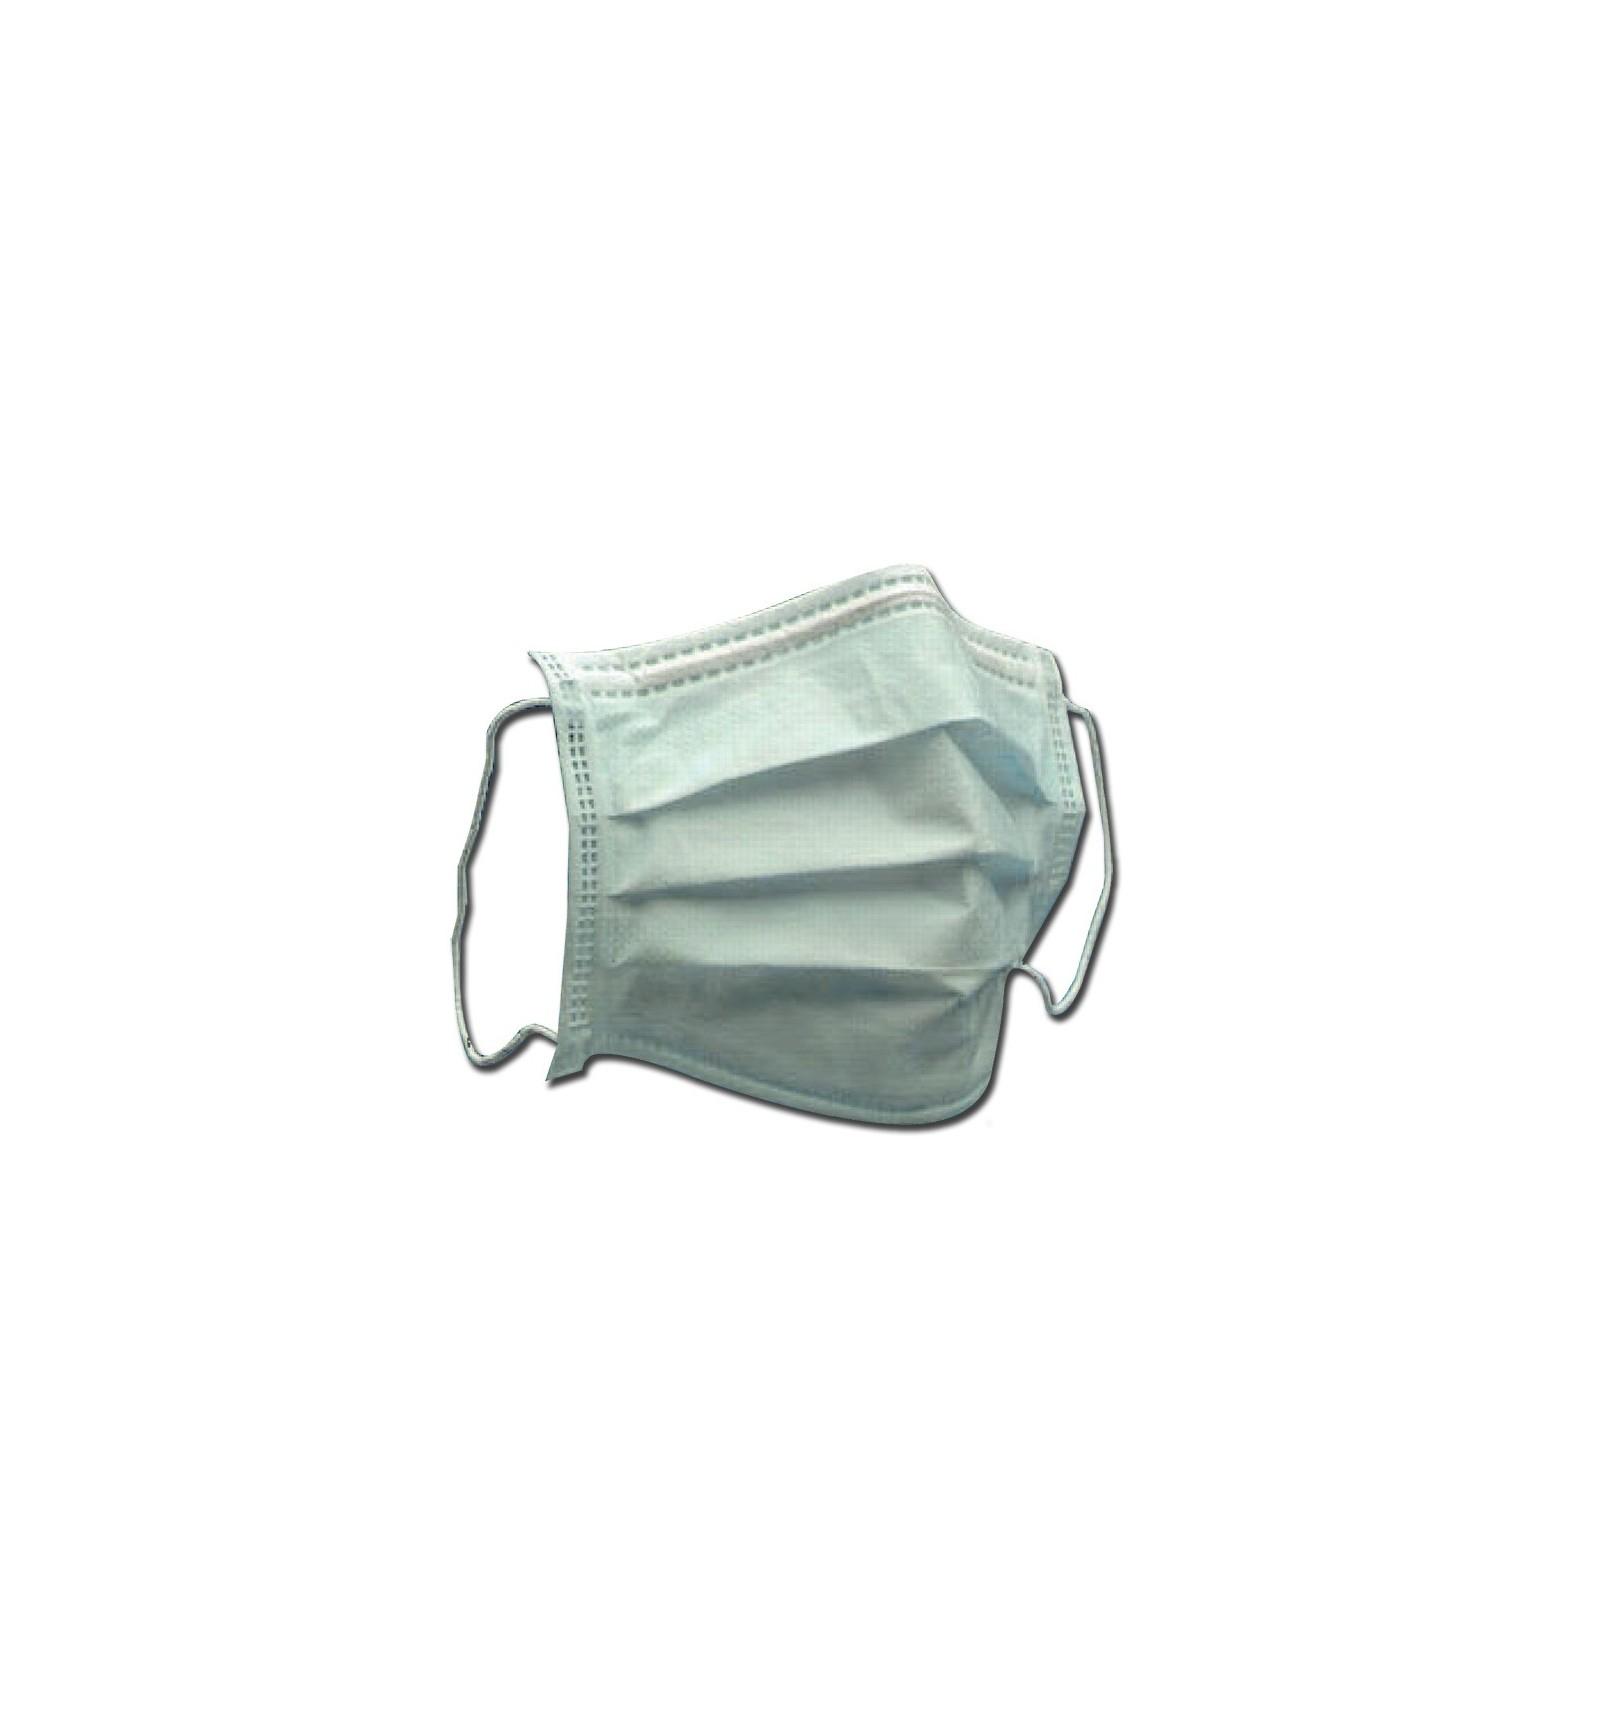 mascherina 3m chirurgic